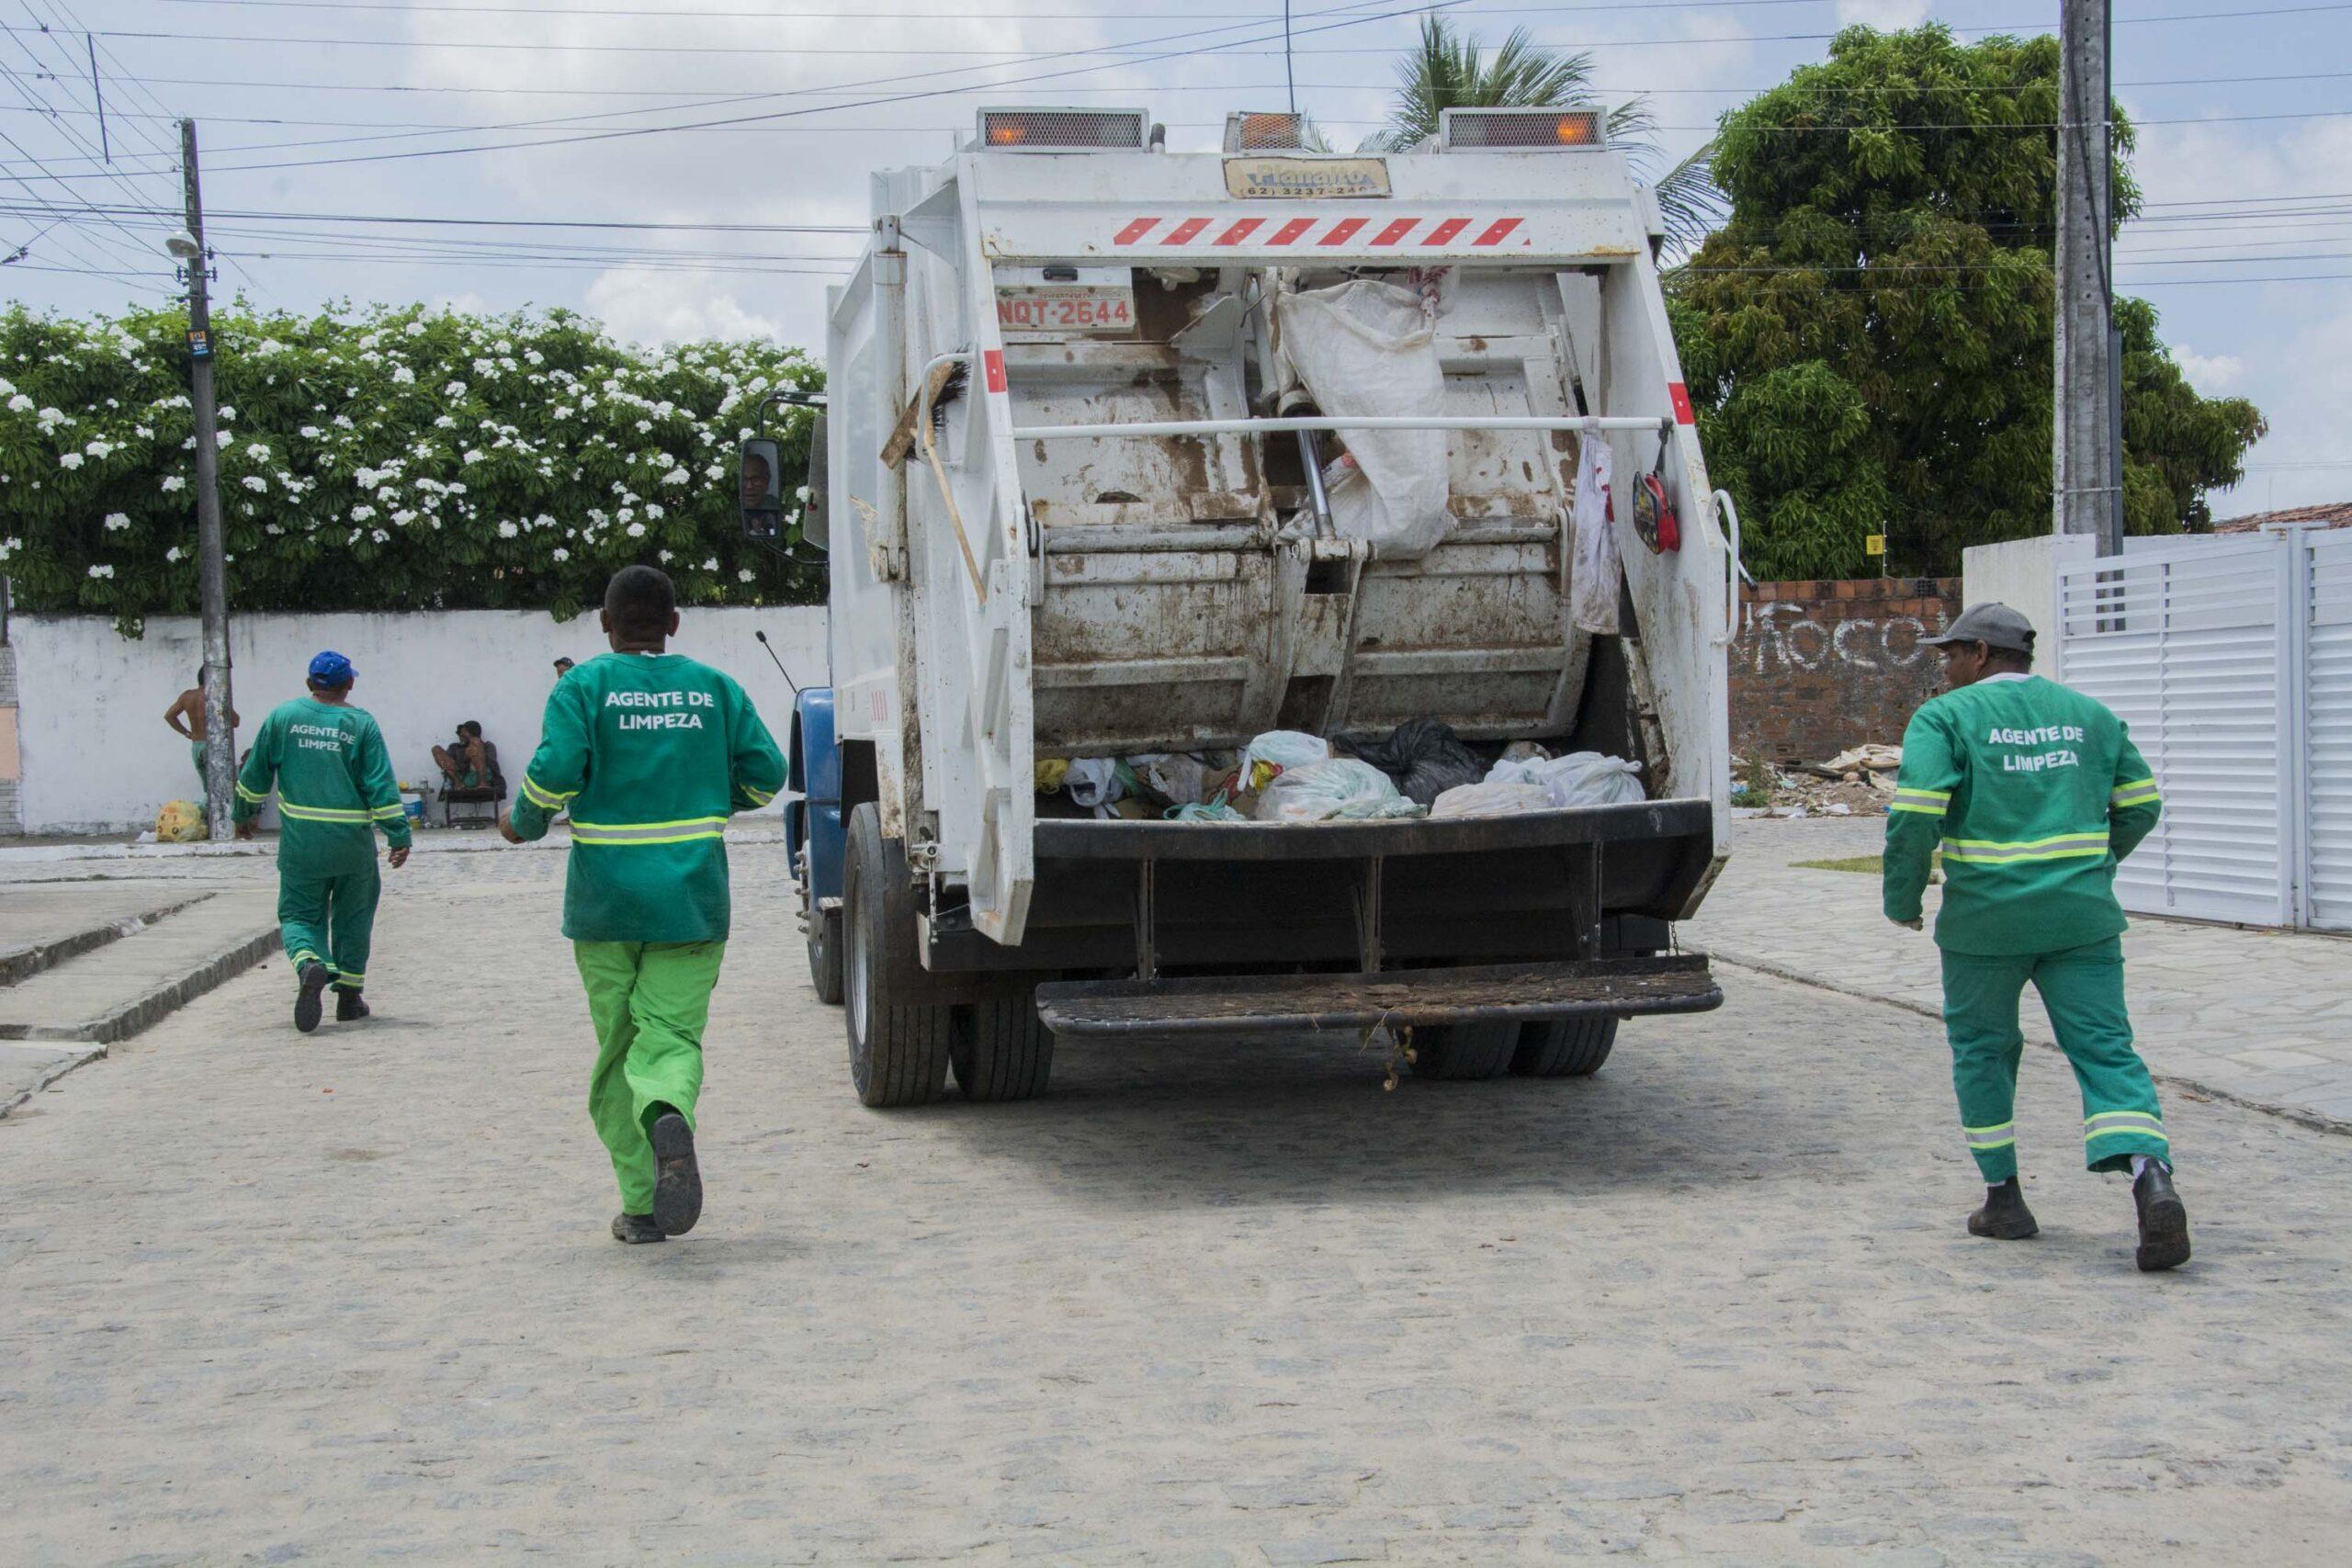 Emlur aciona MPT para garantir direitos trabalhistas dos agentes de limpeza